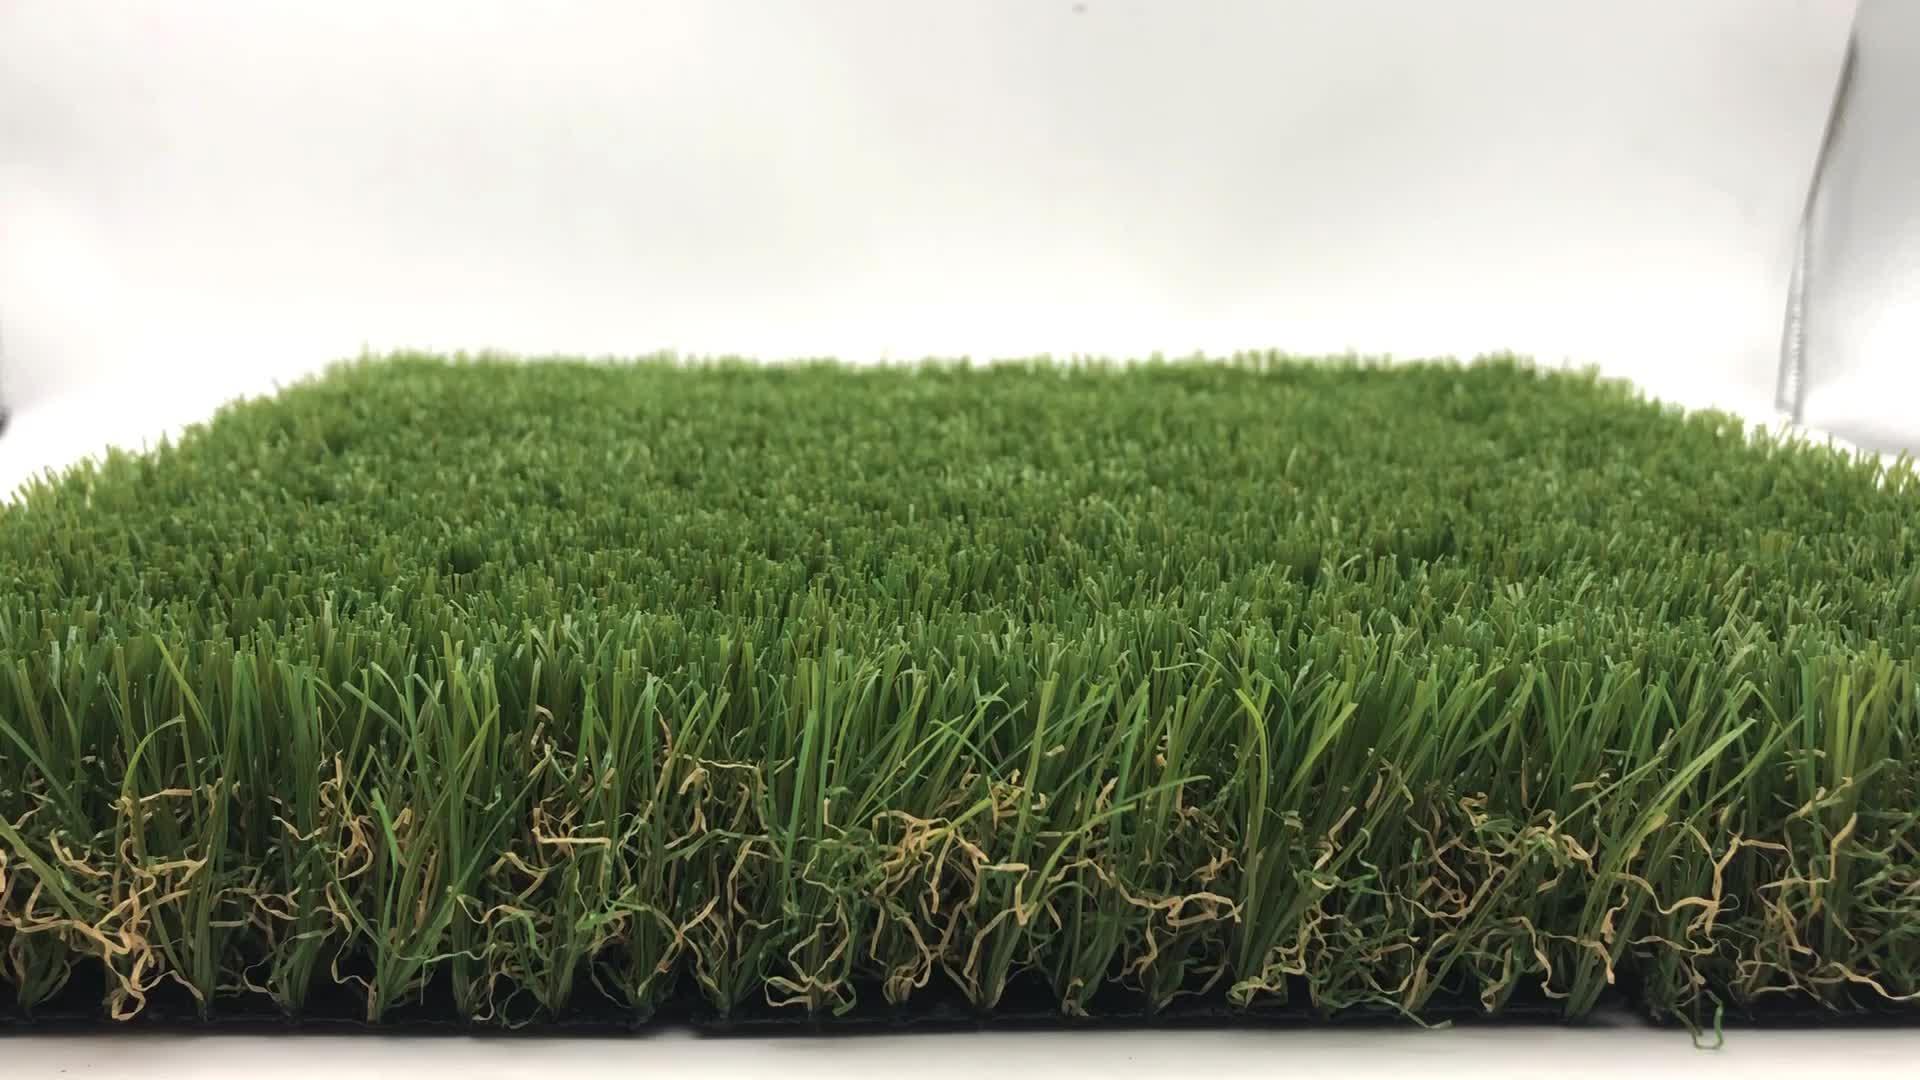 Commercio all'ingrosso Decorazione erba artificiale giardino